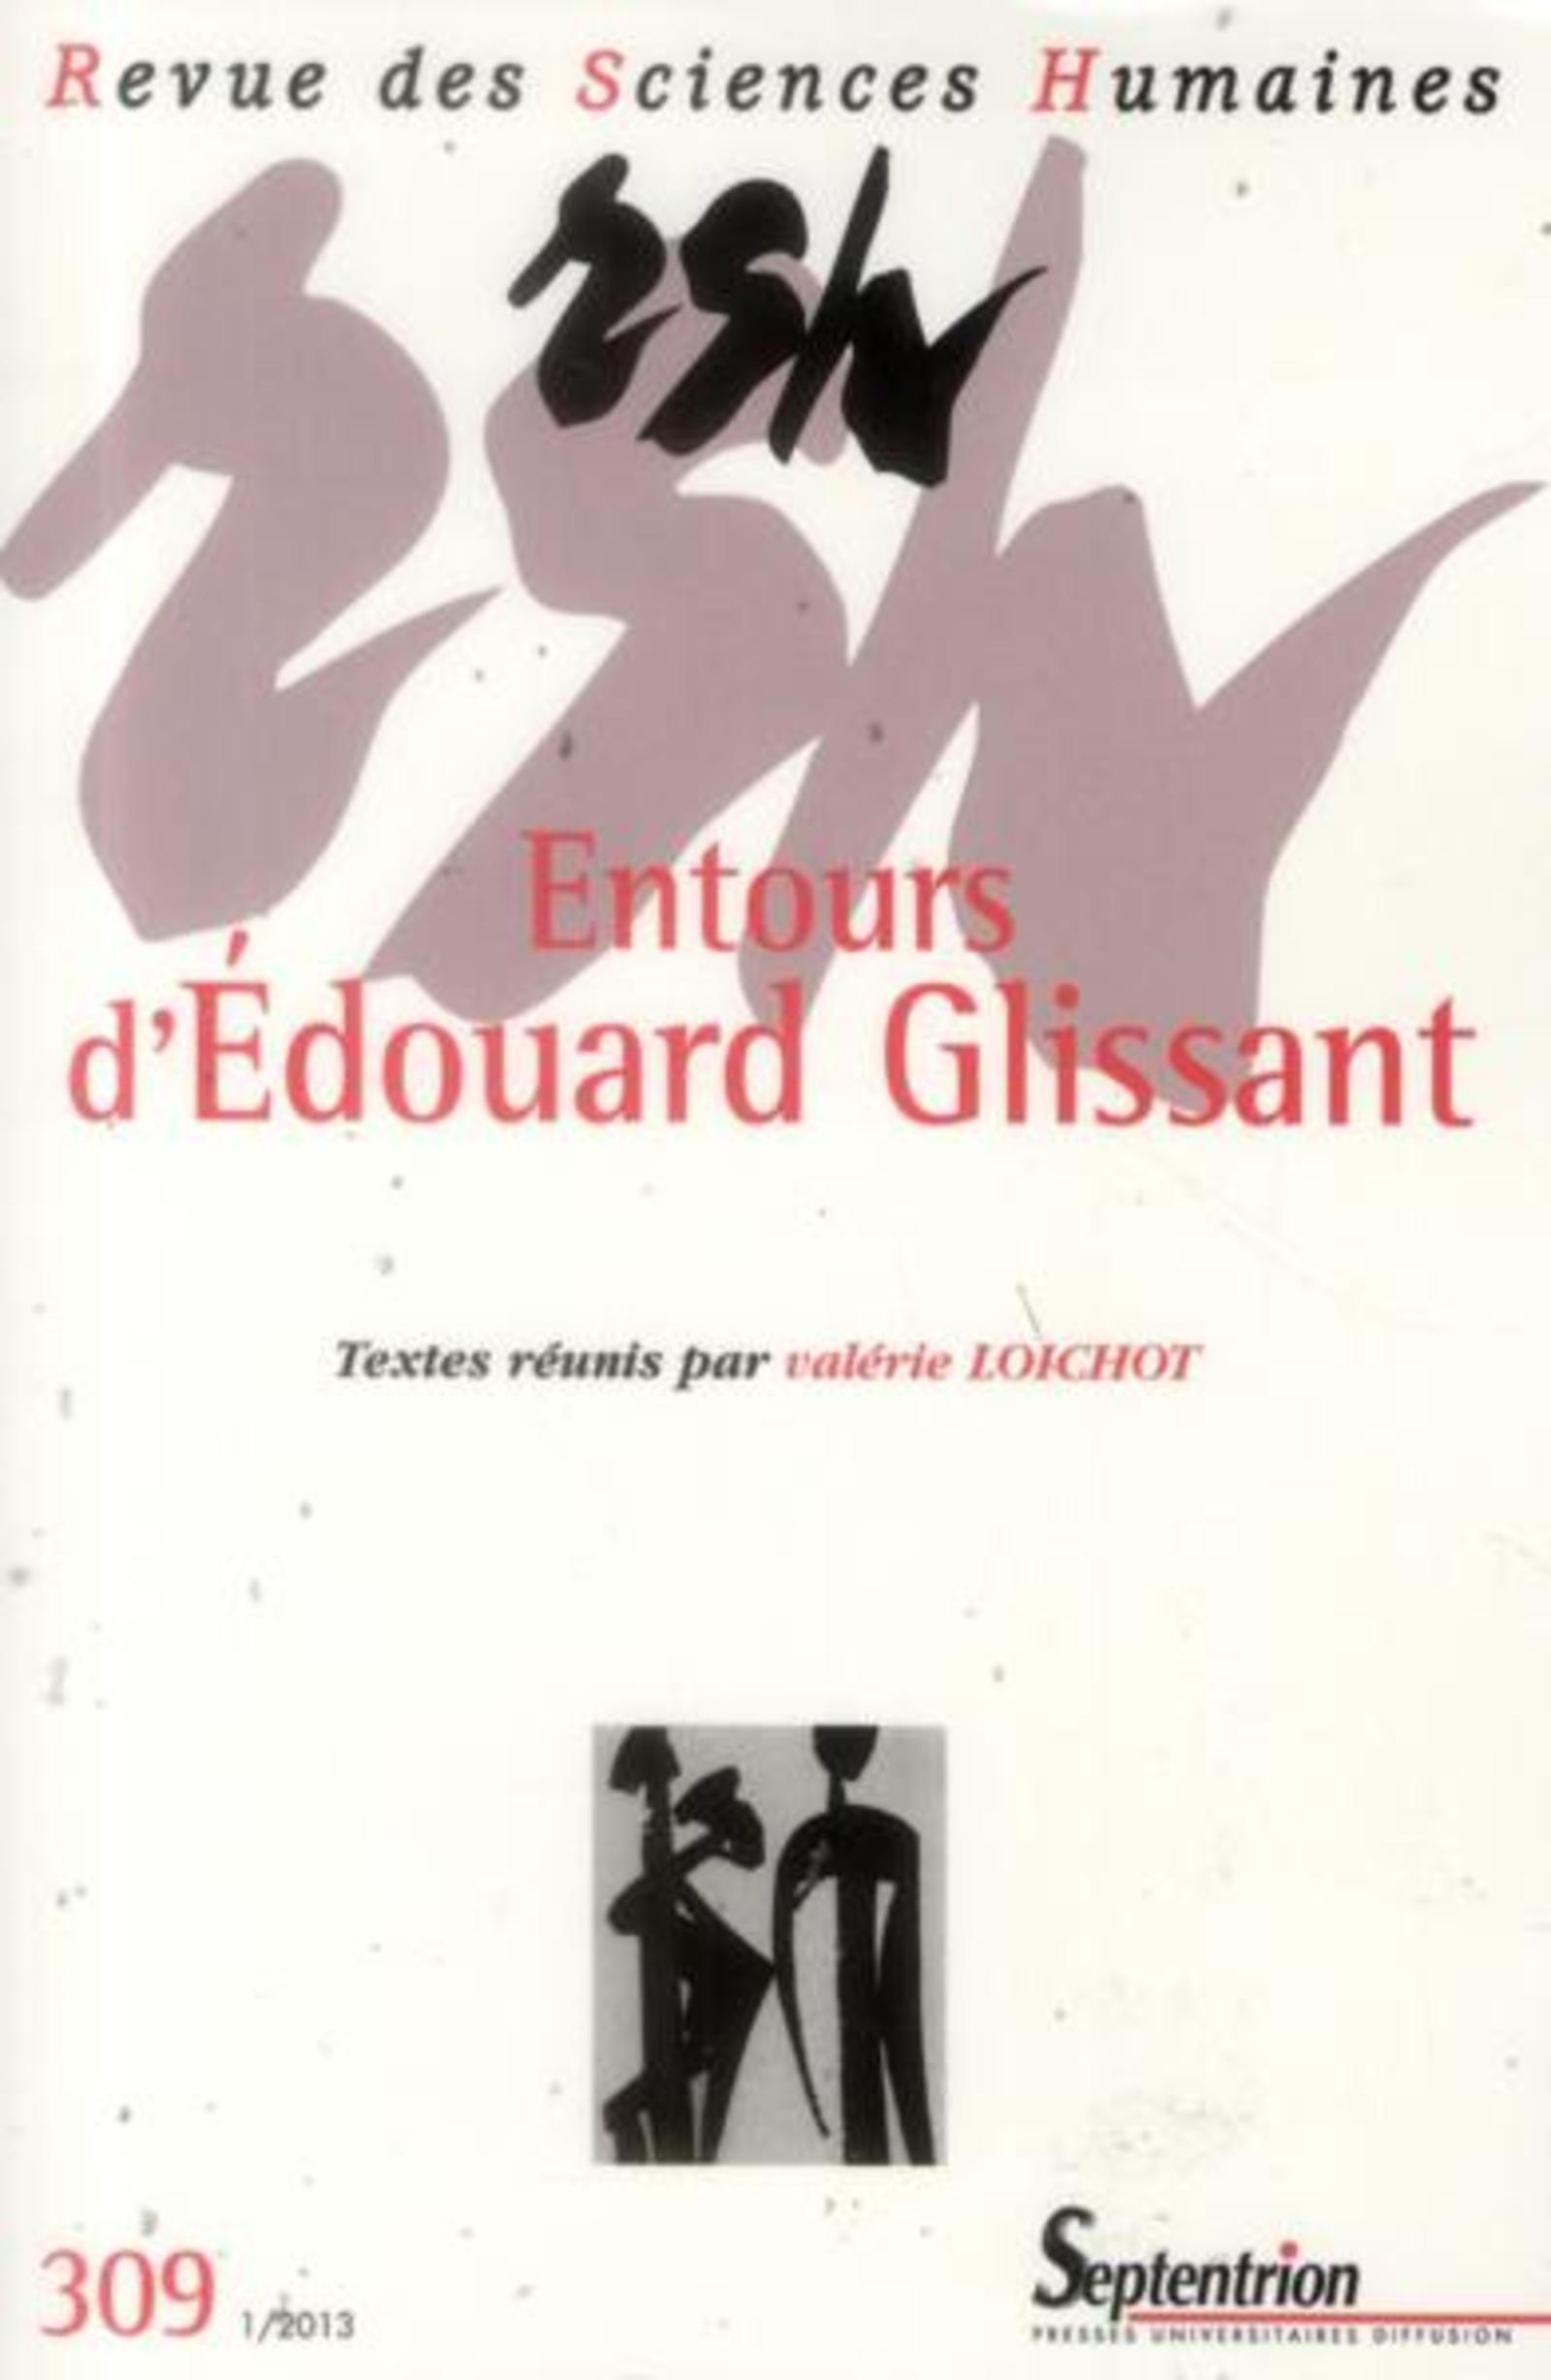 REVUE DES SCIENCES HUMAINES, N 309/JANVIER-MARS 2013 - ENTOURS D''EDOUARD GLISSANT